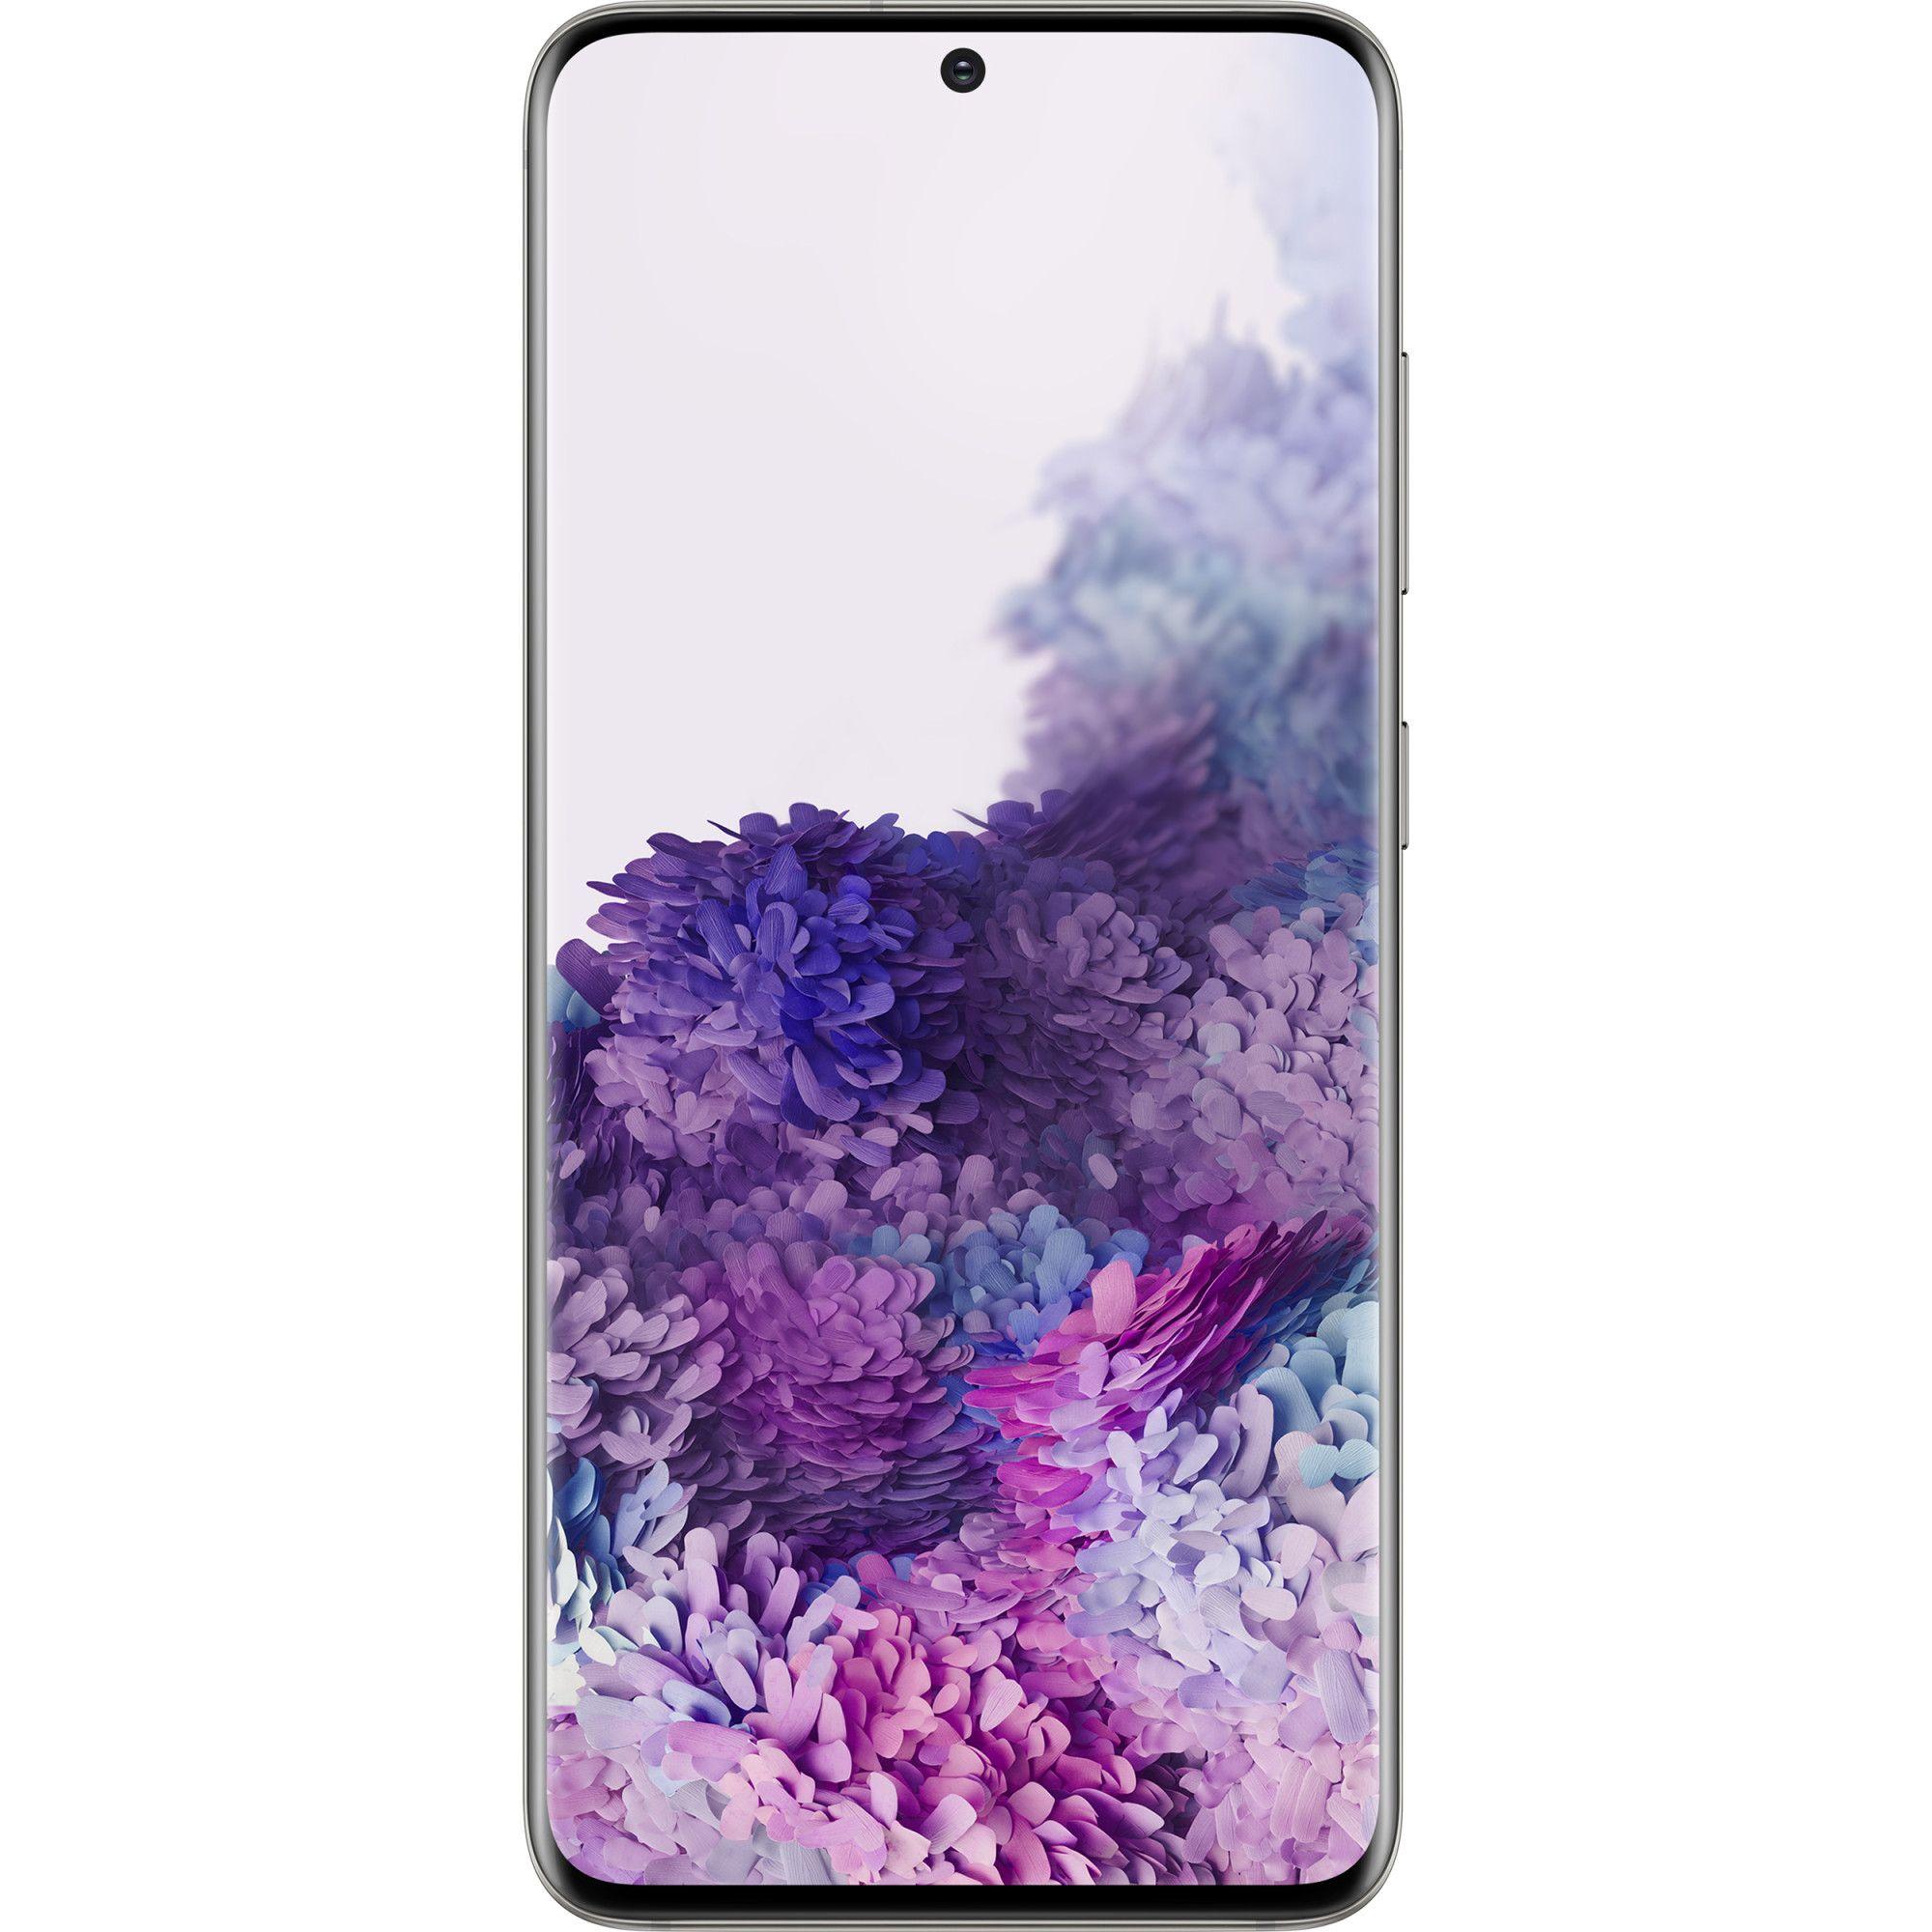 Telefon mobil Samsung Galaxy S20, Dual SIM, 128GB, 12GB RAM, 5G, Cloud White